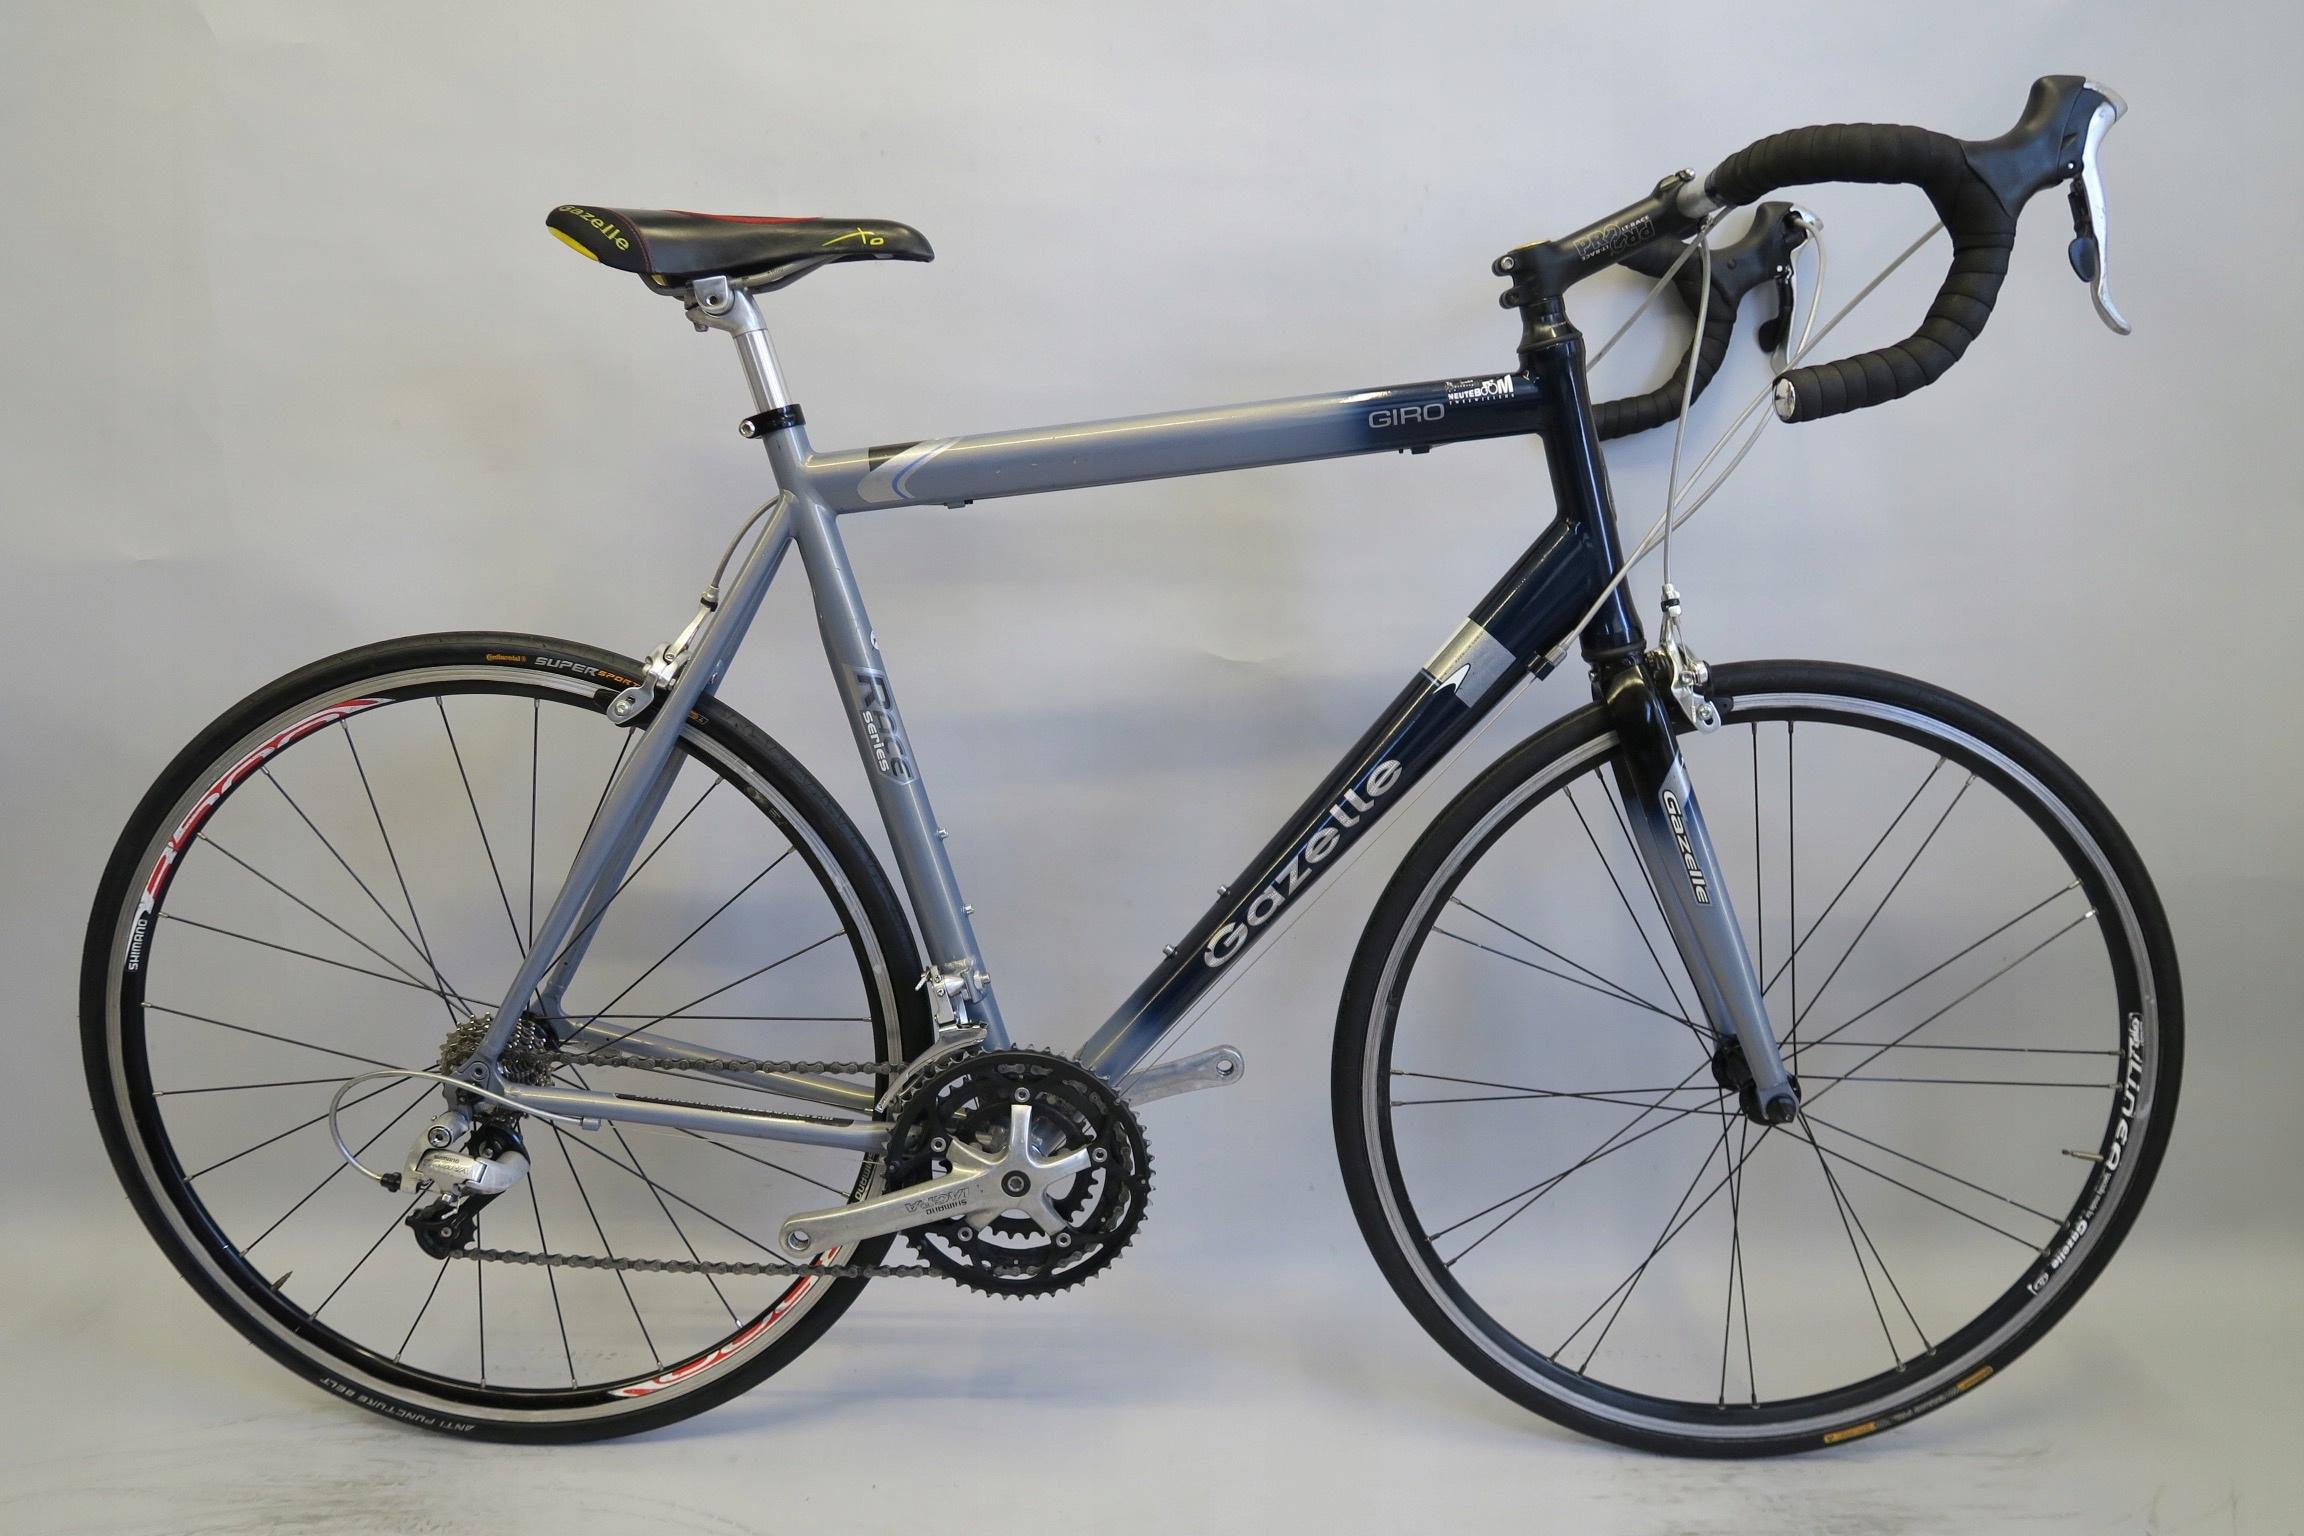 Markowy rower szosowy Gazelle Giro Shimano Tiagra